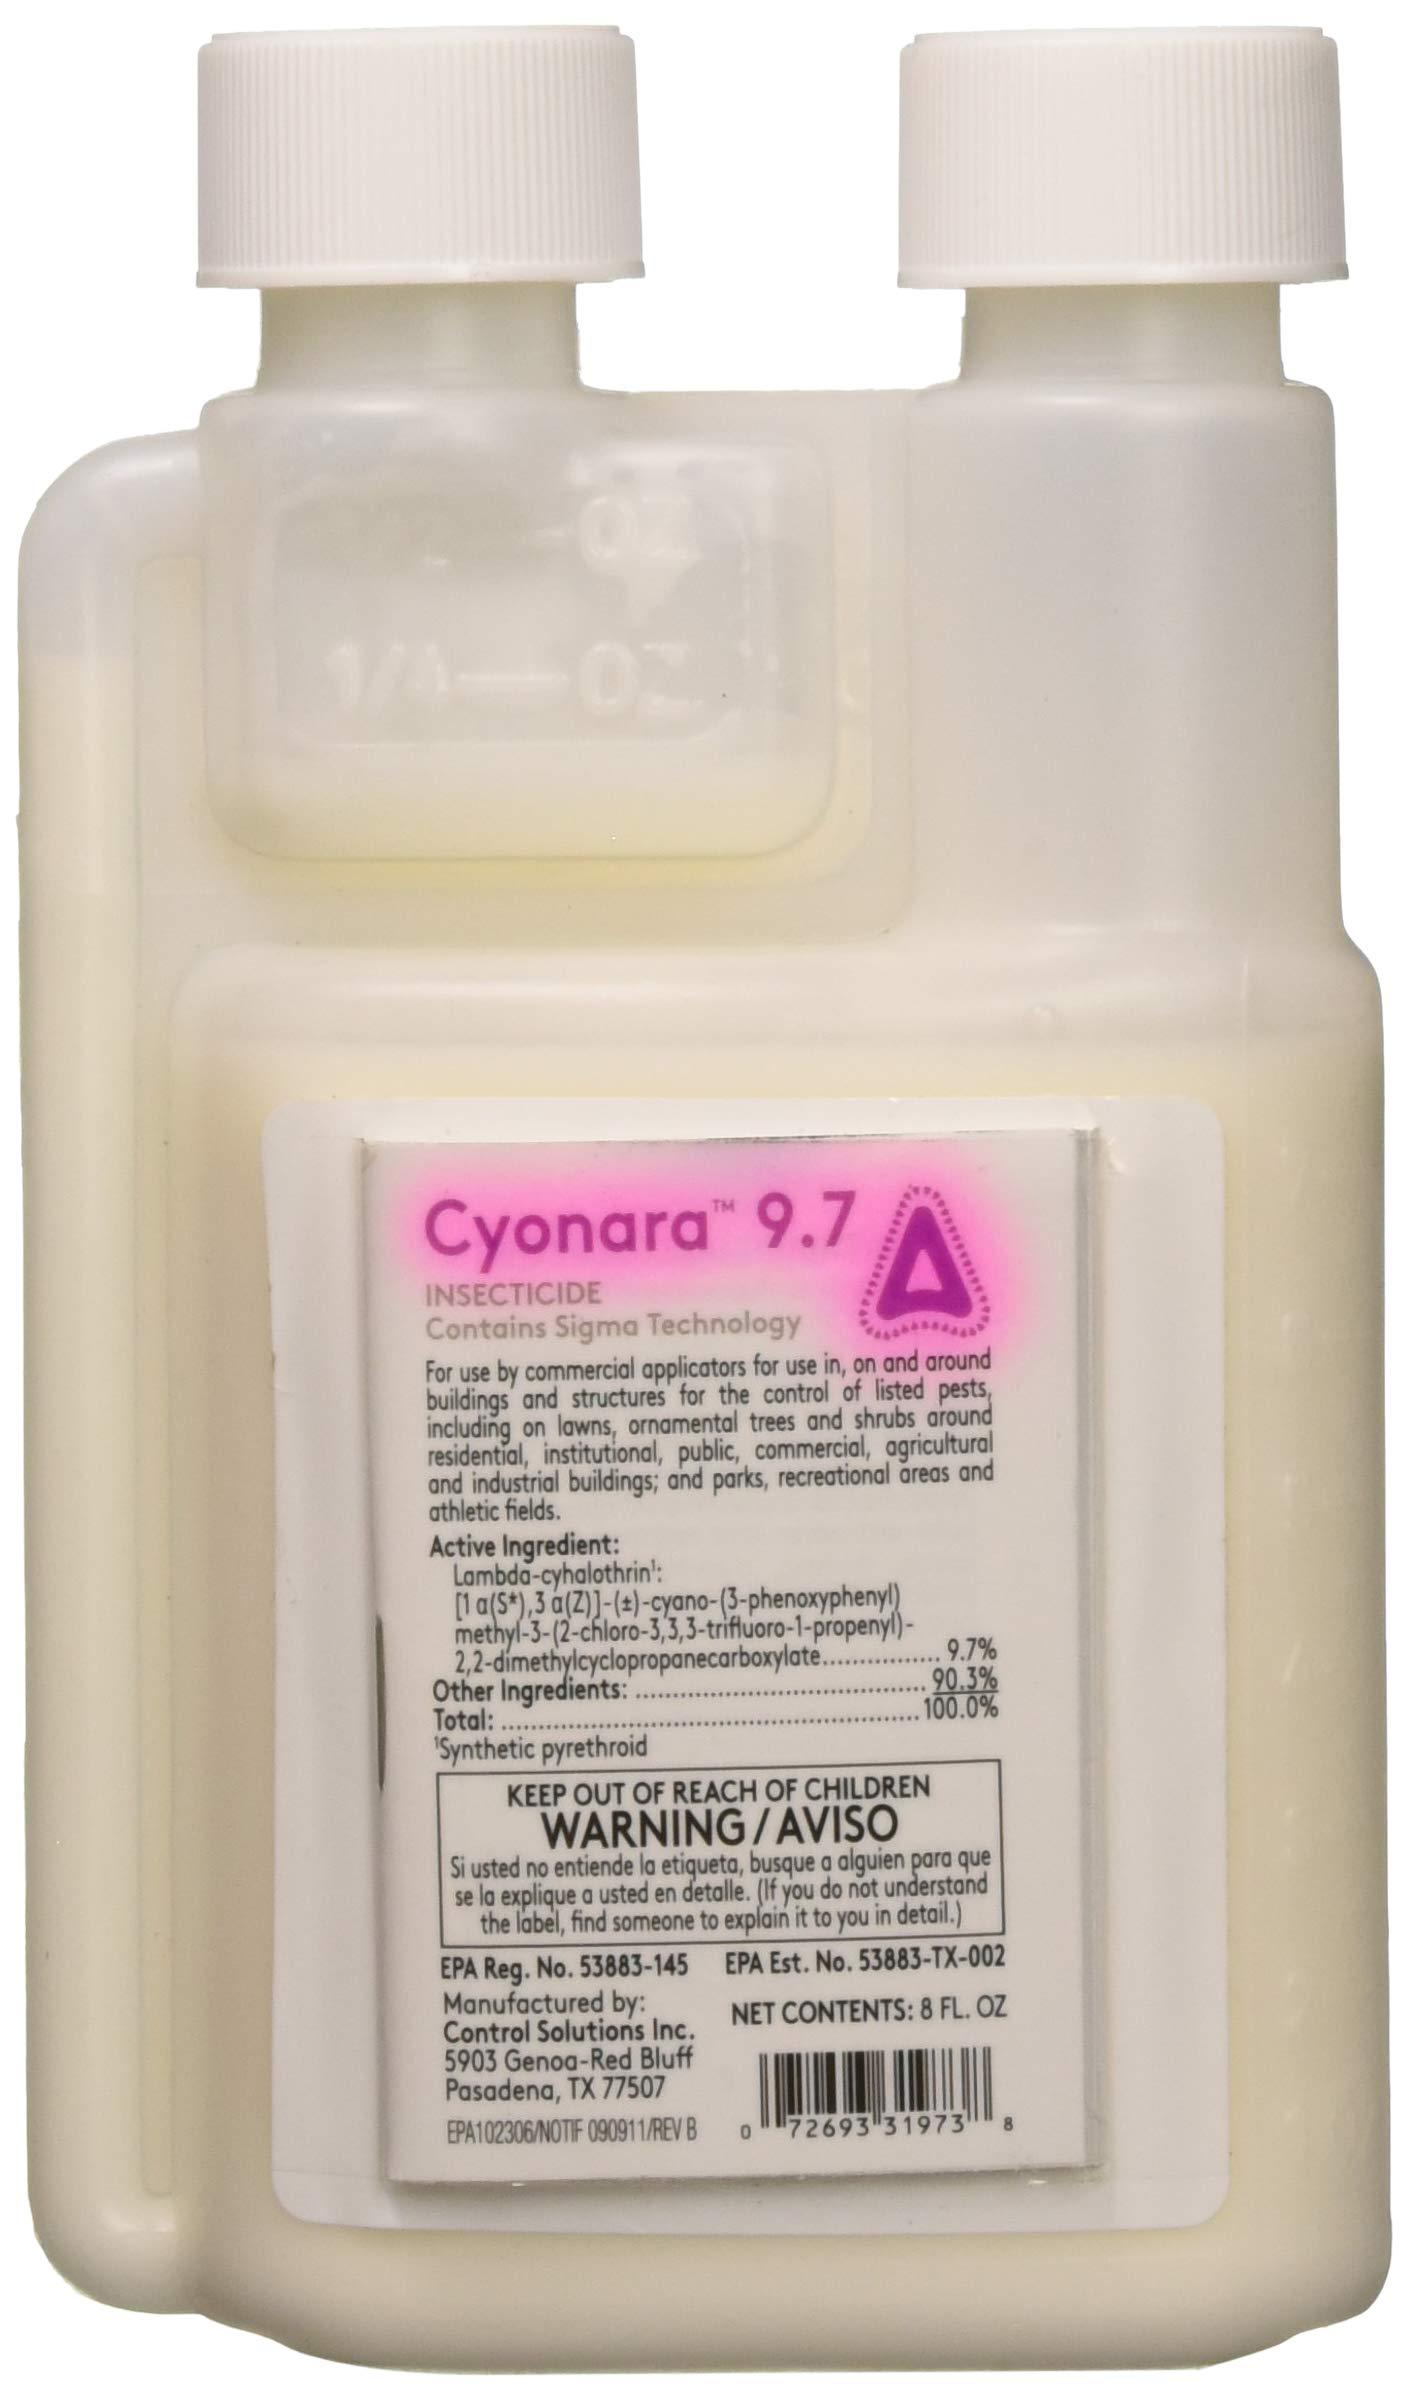 CSI 82031973 Cyonara 9.7 Insecticide by CSI